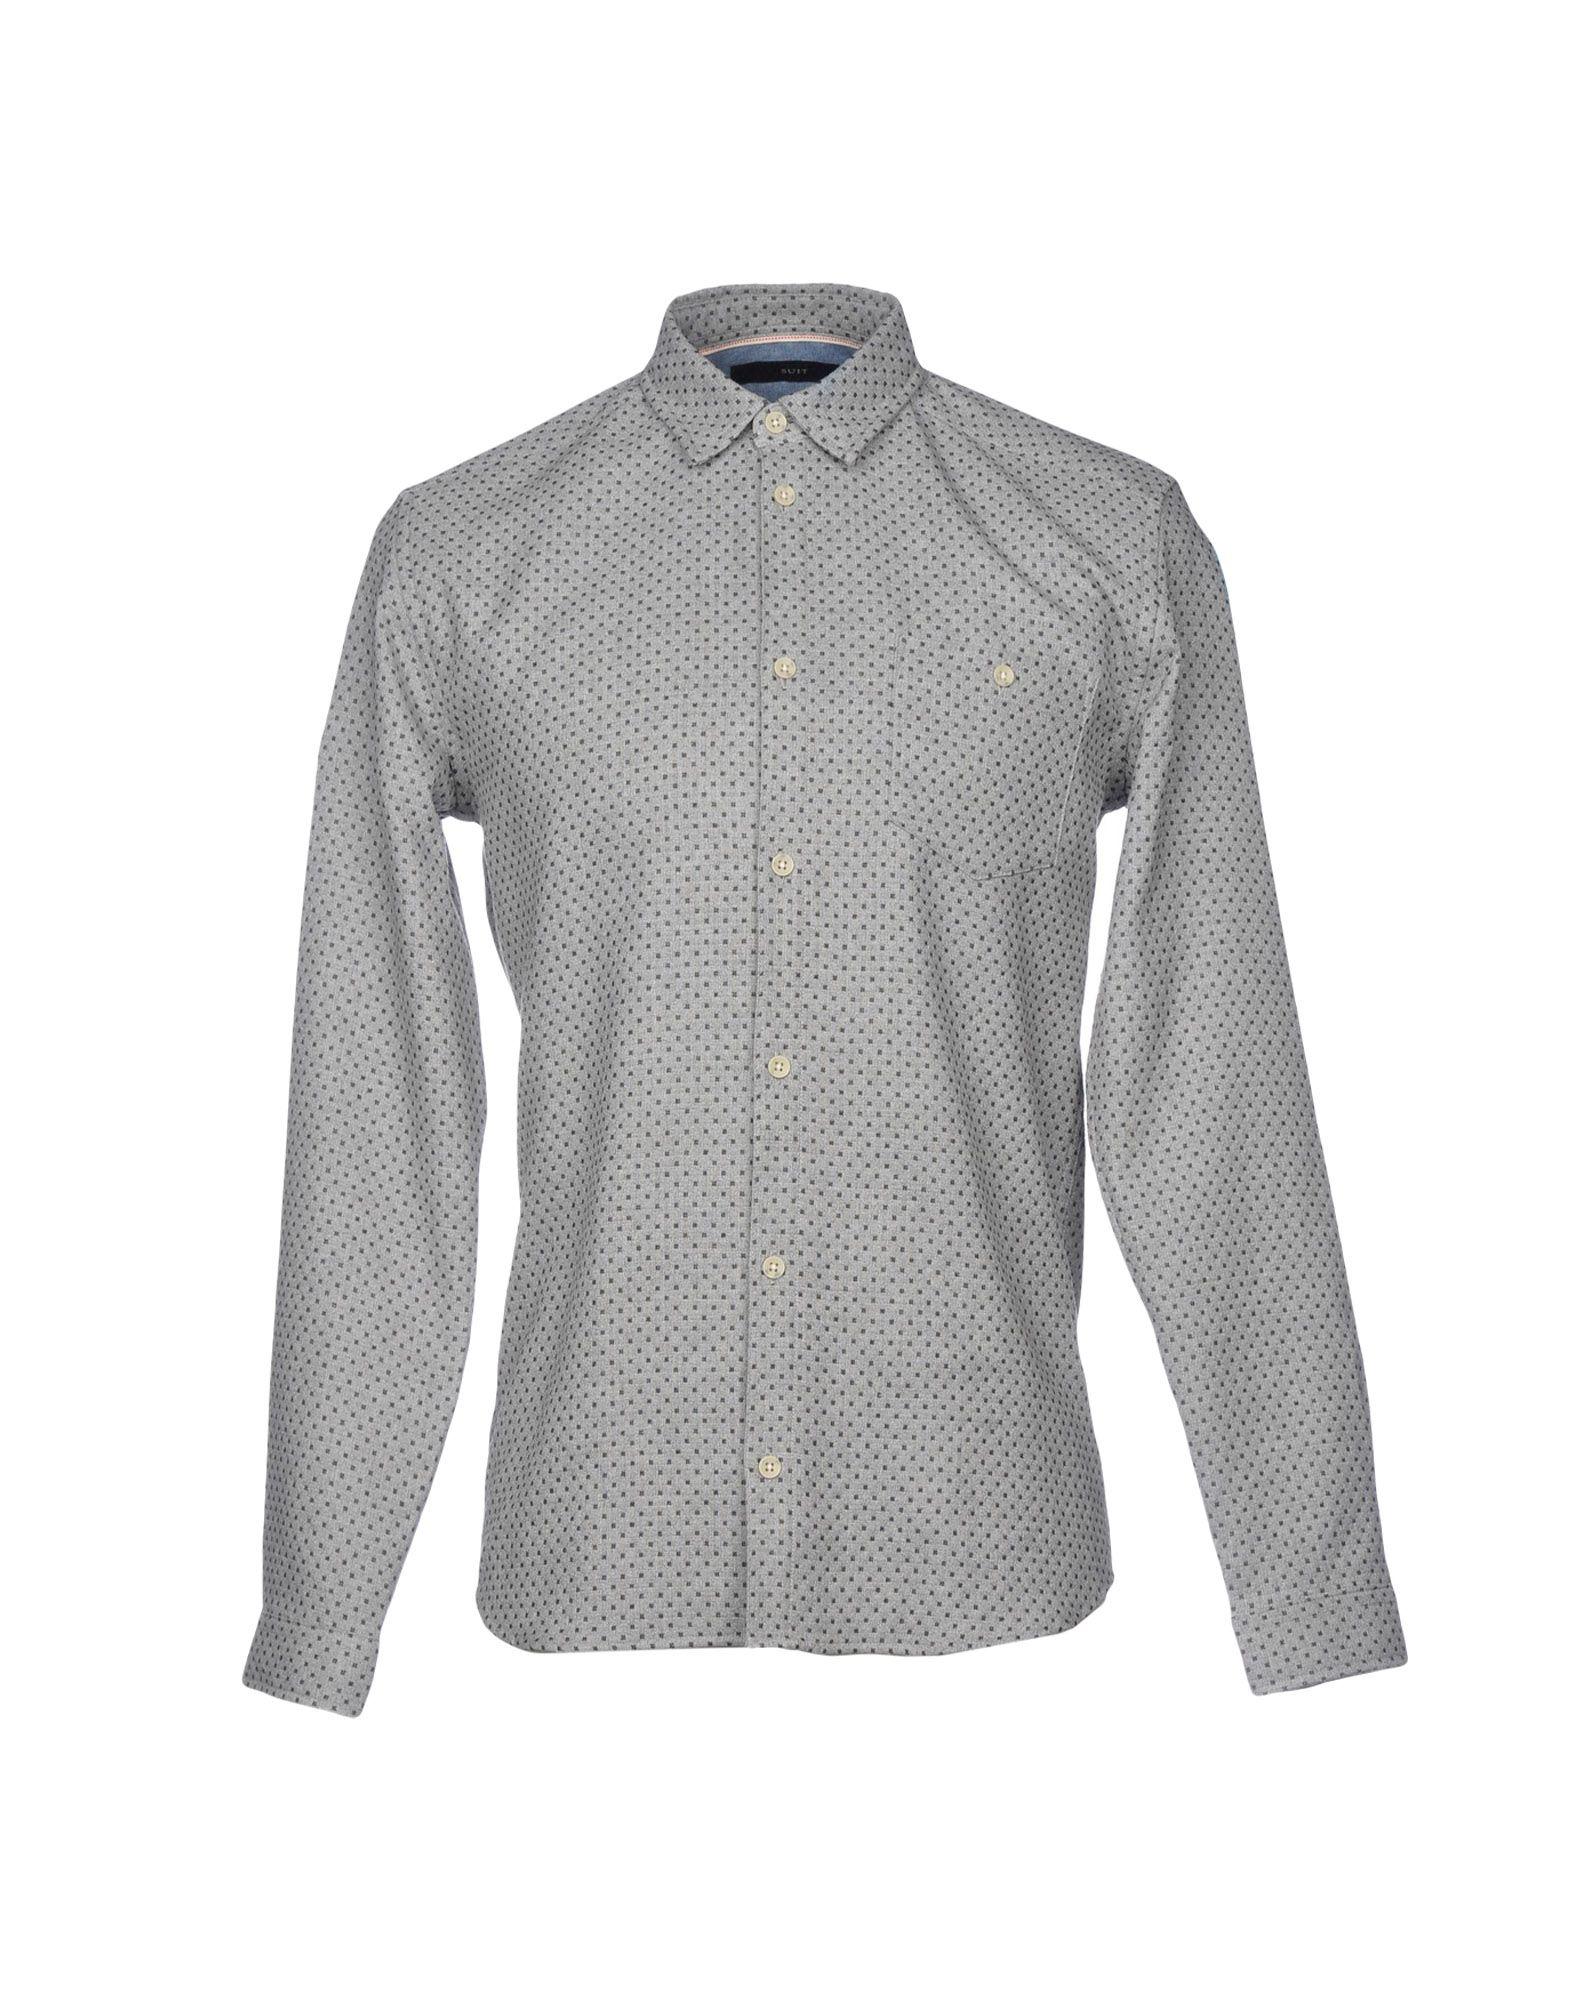 《送料無料》SUIT メンズ シャツ グレー S コットン 100%